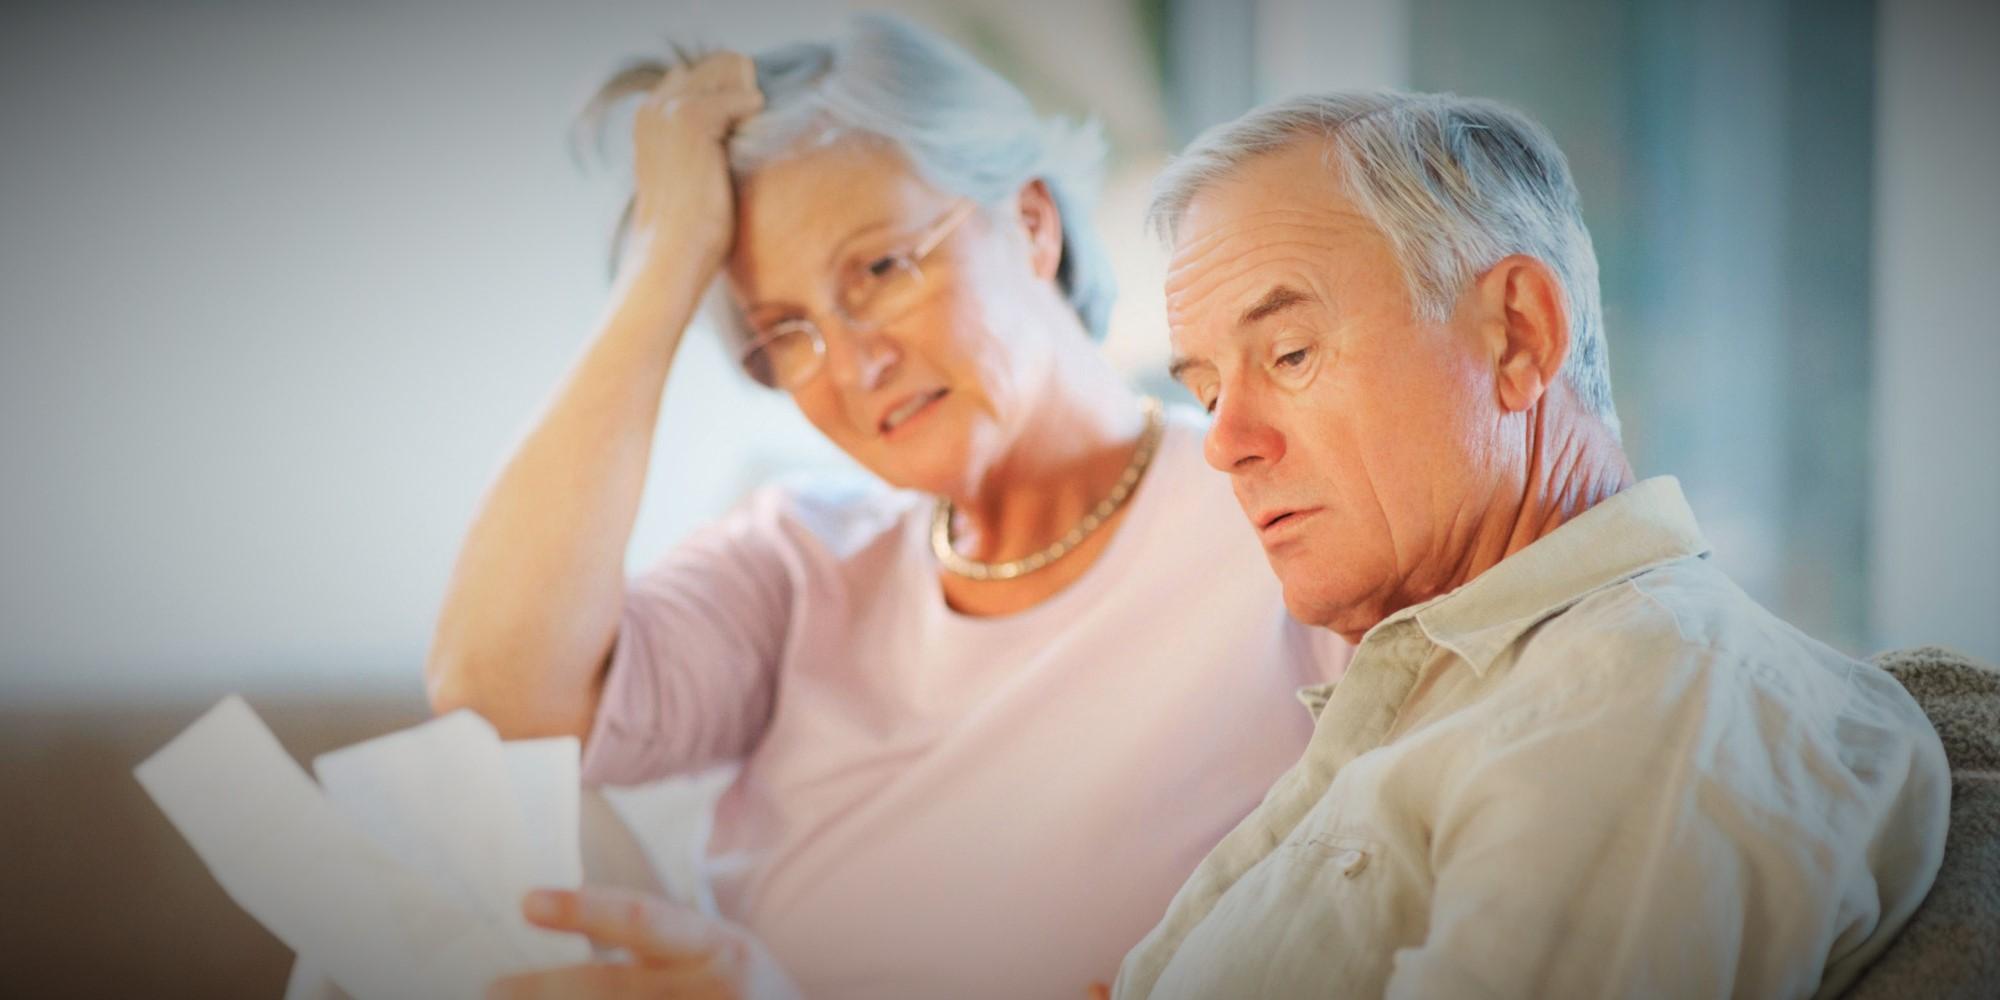 nyugdijkifizetési naptár Mikor fizetik a nyugdíjat 2018 ban? Íme, az időpontok | ZSEBREMEGY.HU nyugdijkifizetési naptár